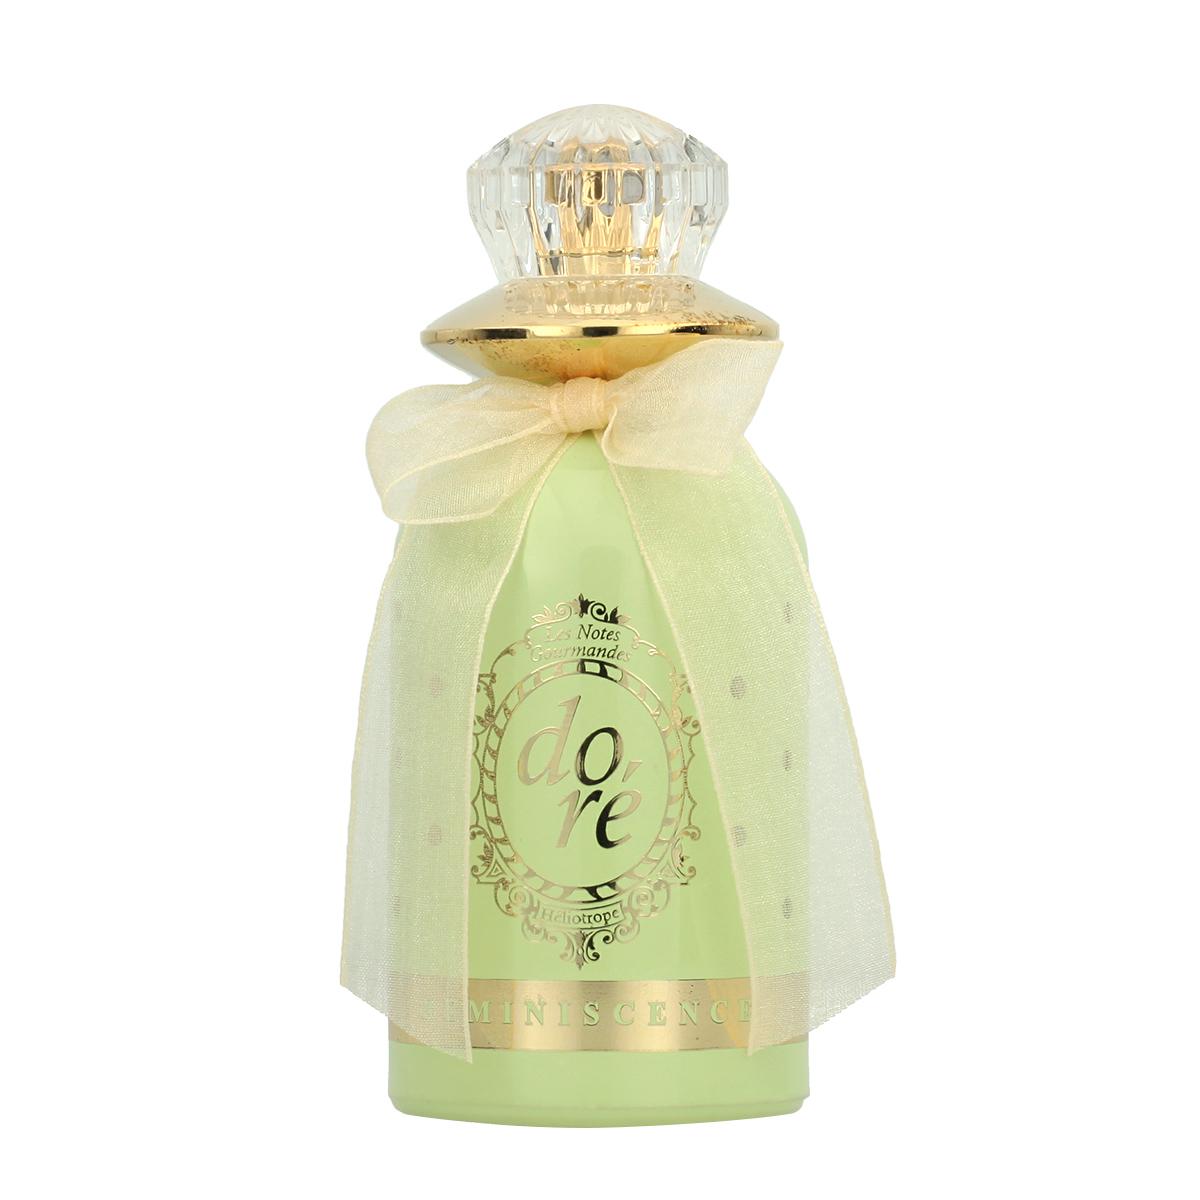 Reminiscence Do Ré Eau De Parfum 50 ml (woman) 130844